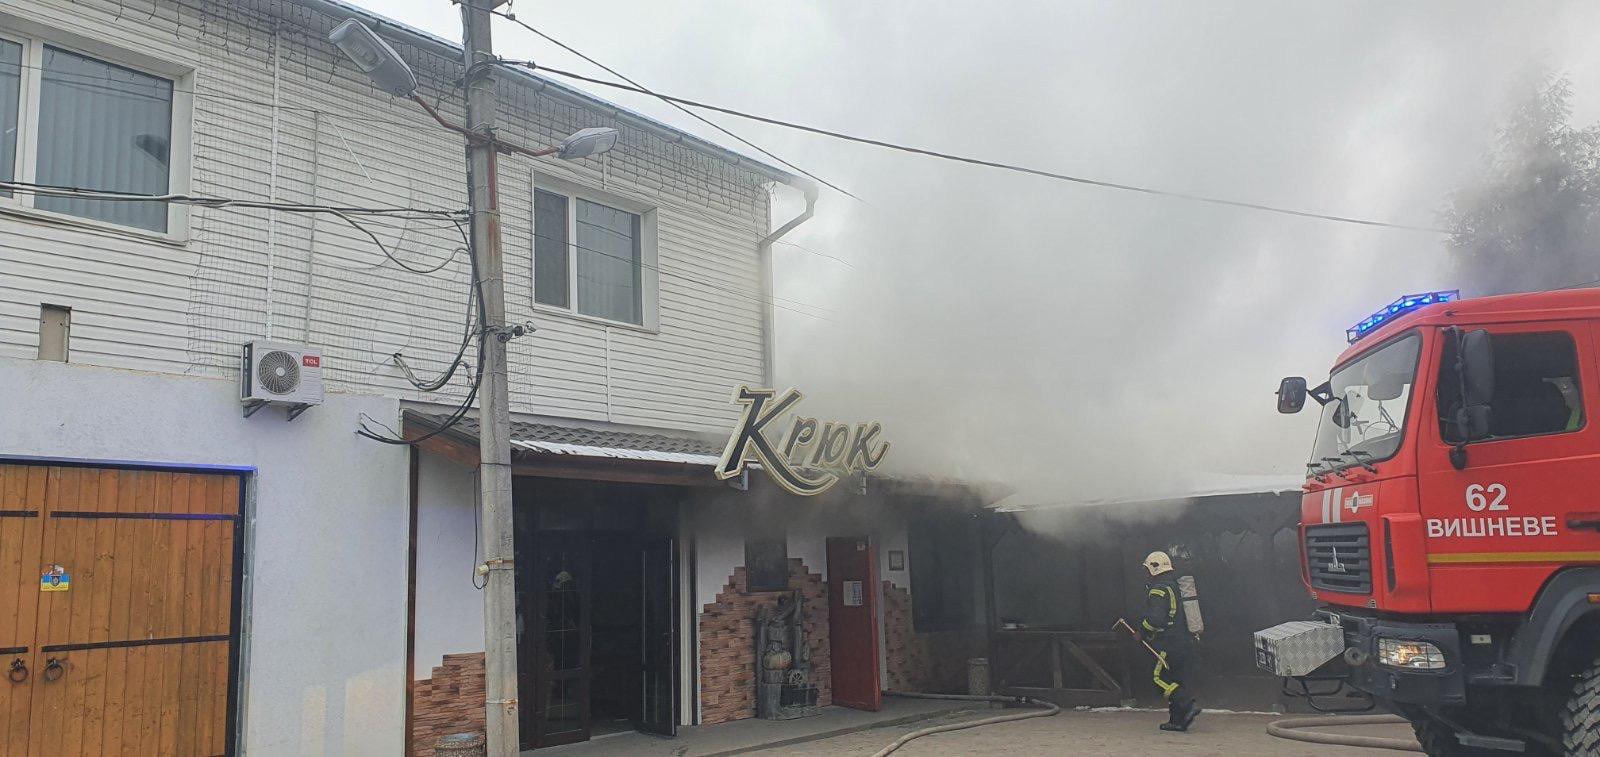 У Крюківщині з пожежі рятували чоловіка - Крюківщина, Кафе, врятувати життя - C1B24C04 A4DE 4F5F 8EB3 01403048ACB1